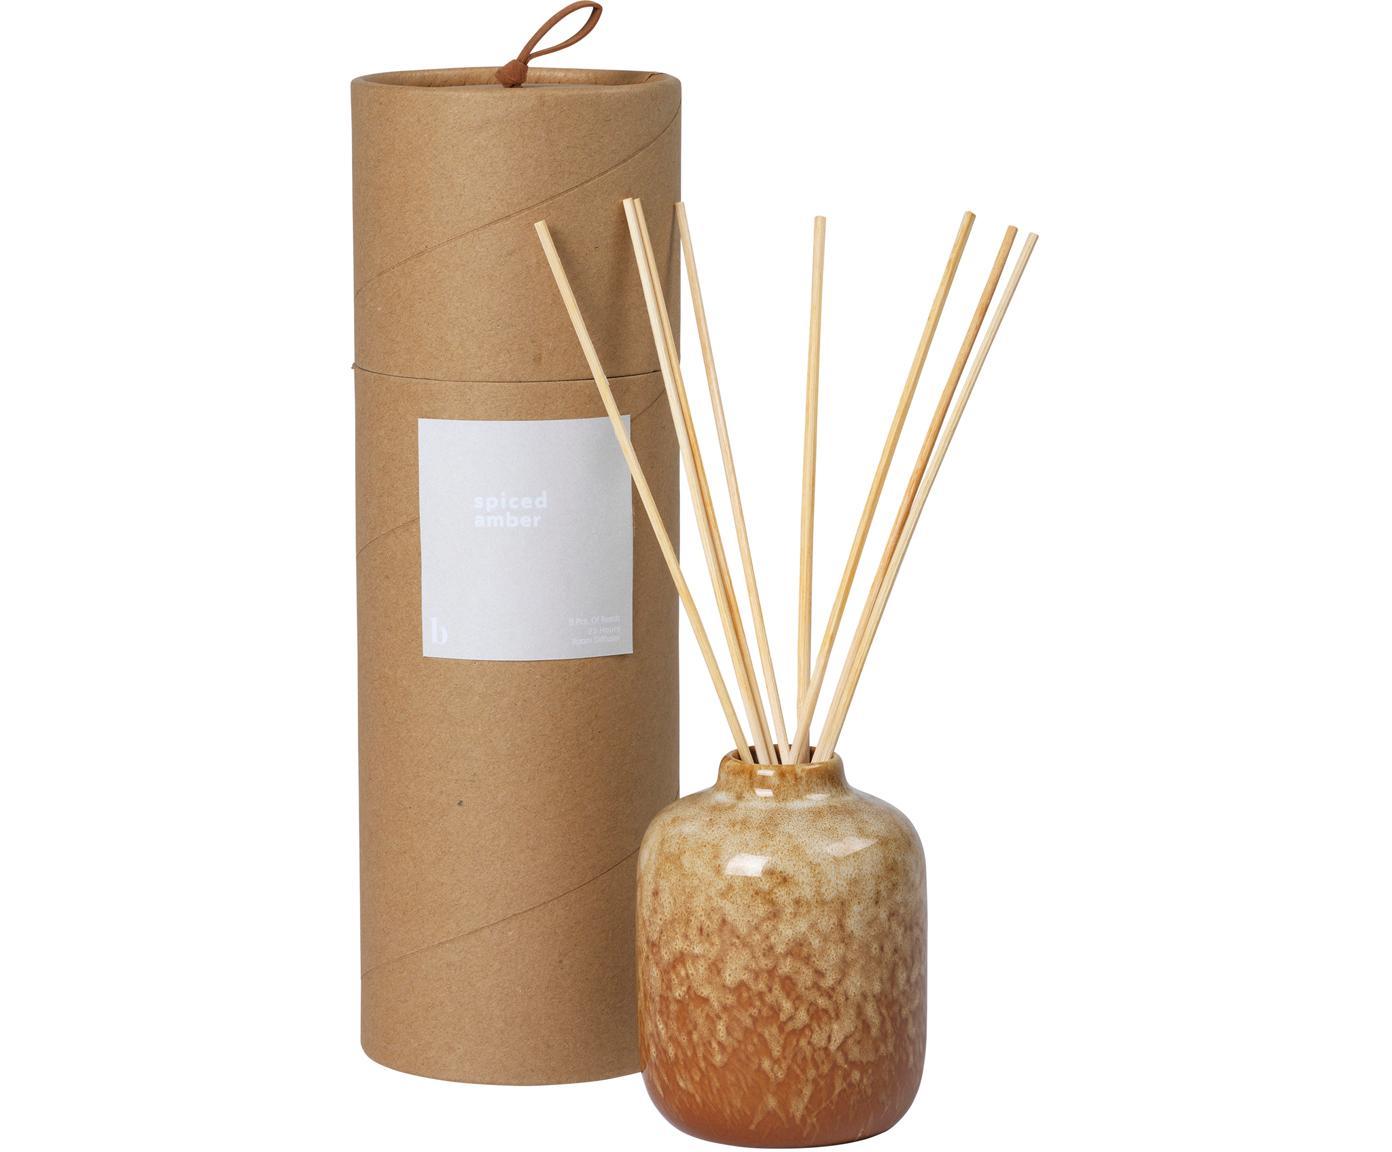 Diffusore Spiced Amber (ambra), Contenitore: ceramica, Tonalità marroni, Ø 7 x Alt. 9 cm